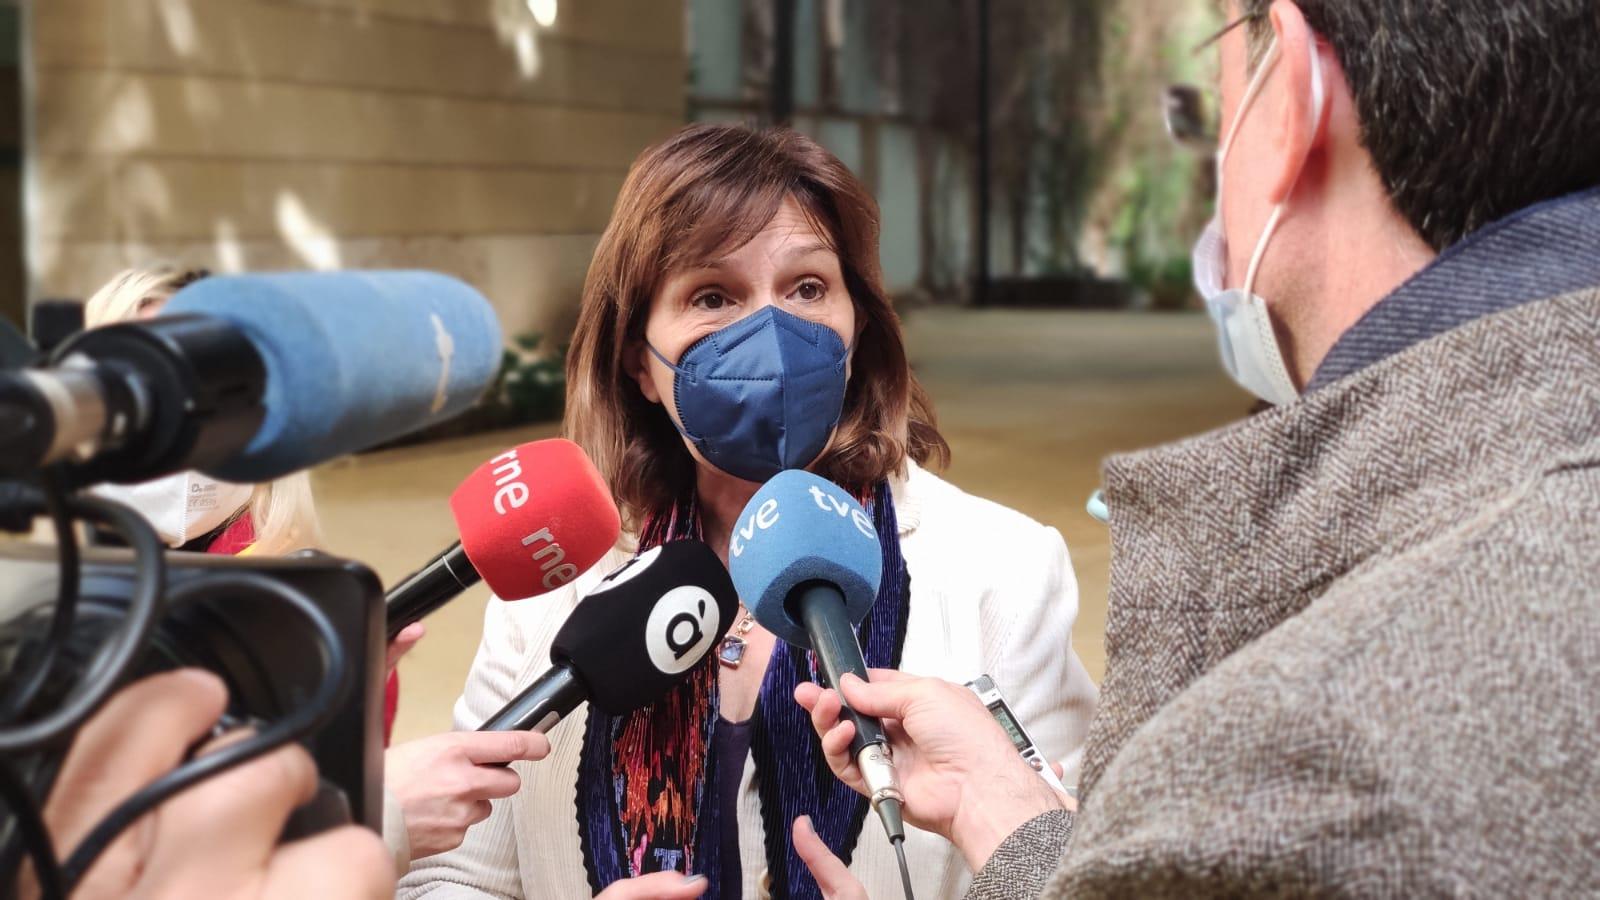 """En este momento estás viendo Martínez lamenta que la oposición """"siga anclada en el bulo y la desinformación"""" y recuerda que los criterios del envío de vacunas """"son claros y transparentes"""""""